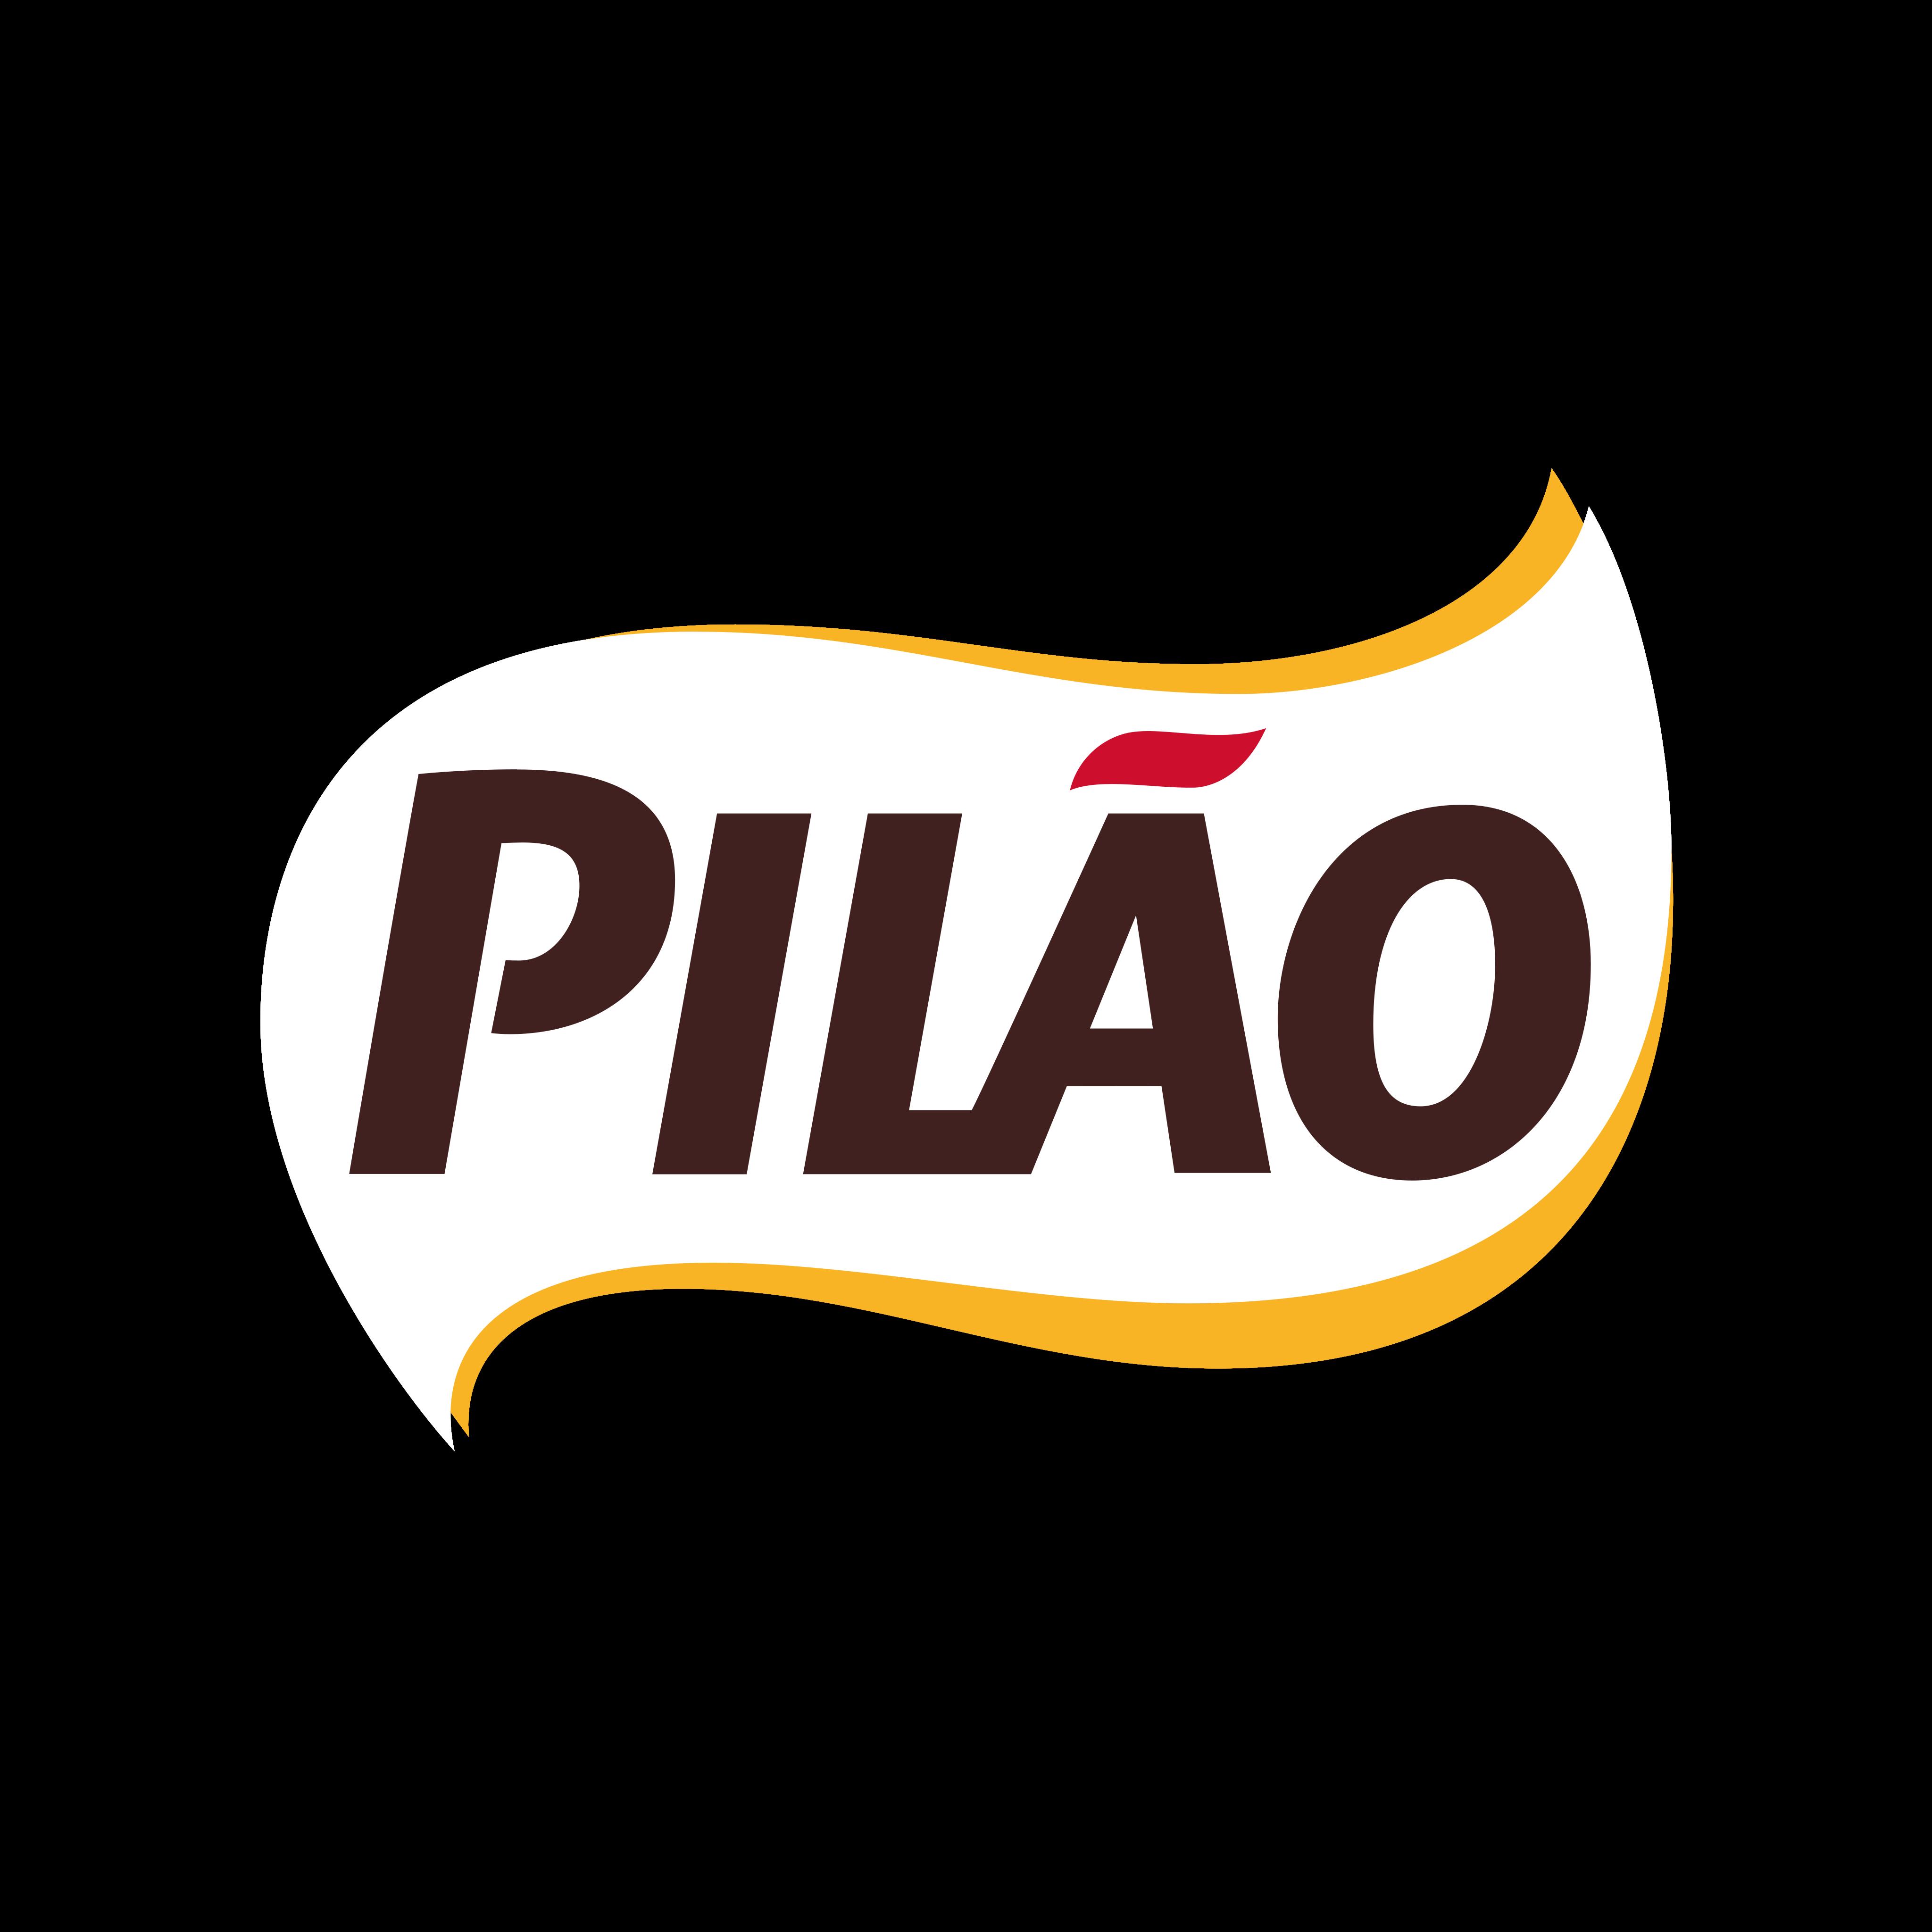 pilao logo 0 - Pilão Logo